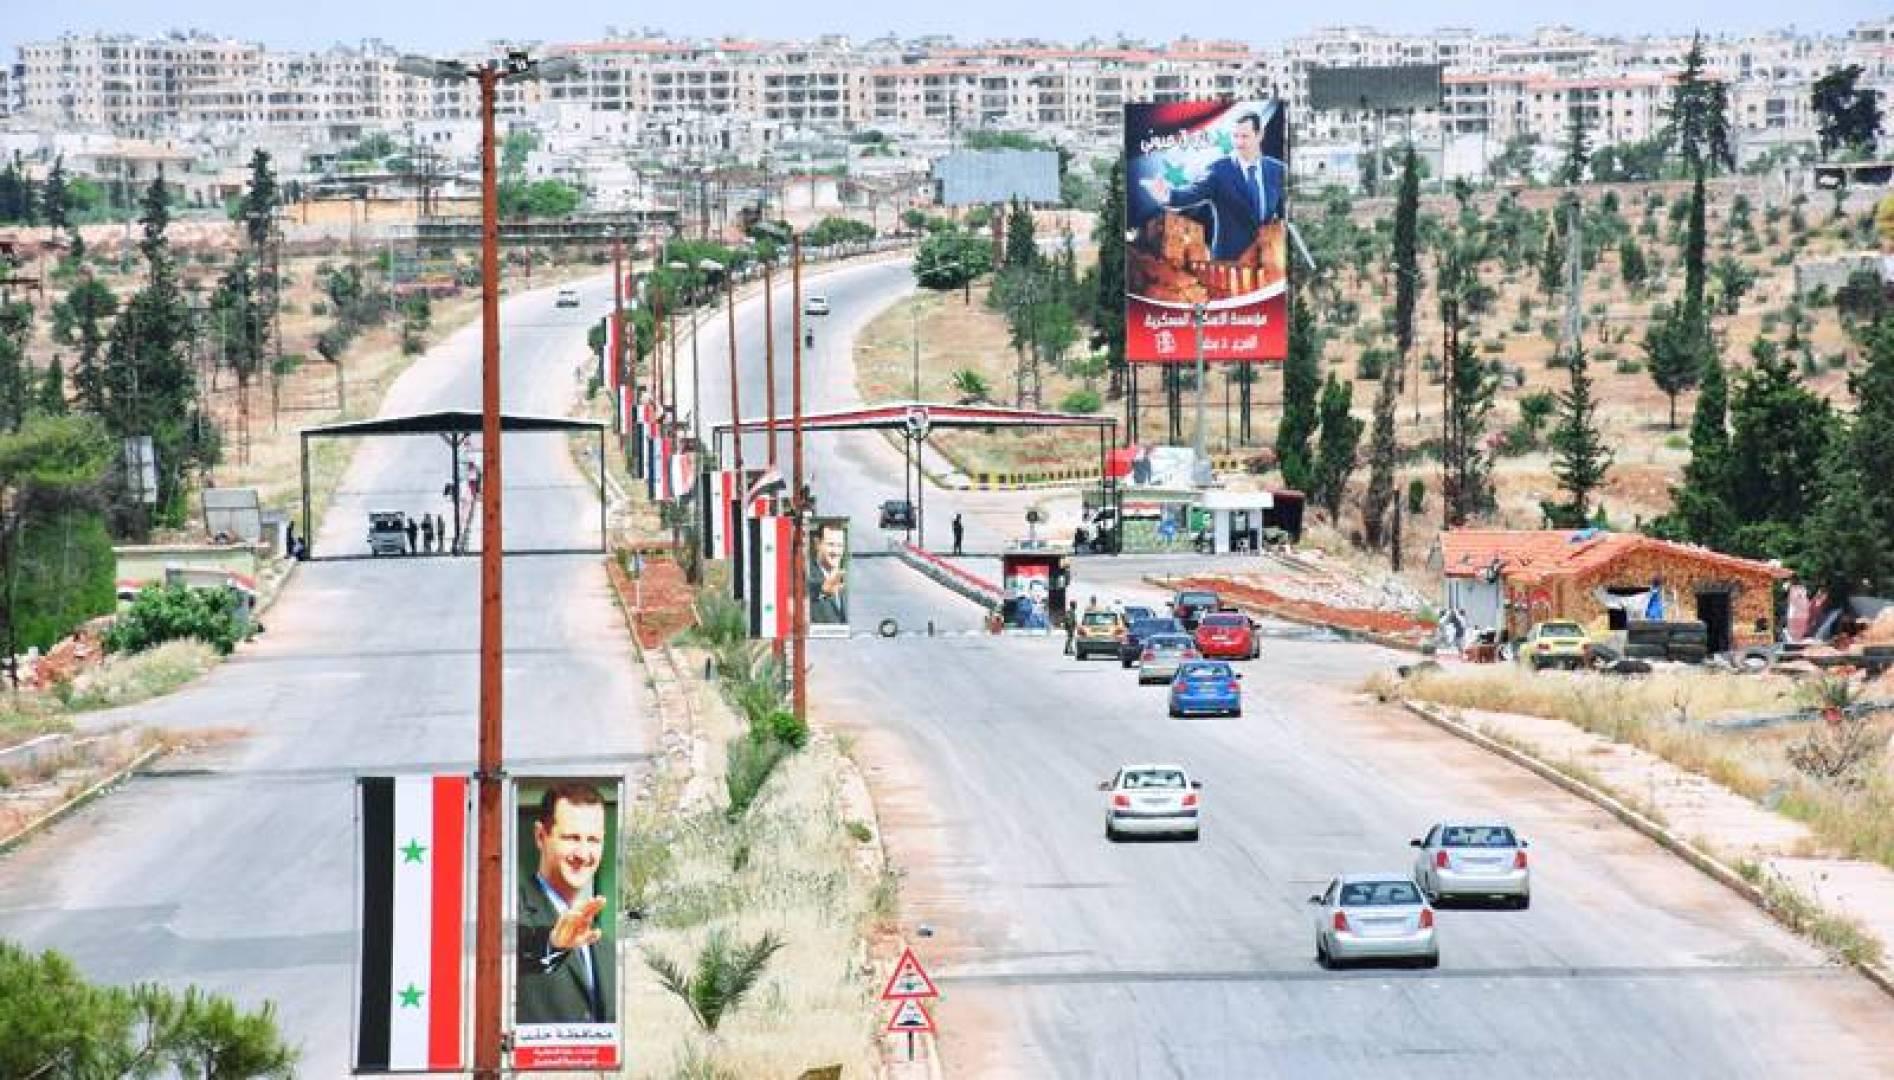 سيارات في مدينة حلب شمالي سوريا في اليوم الثالث من عطلة عيد الفطر (أ.ف.ب)